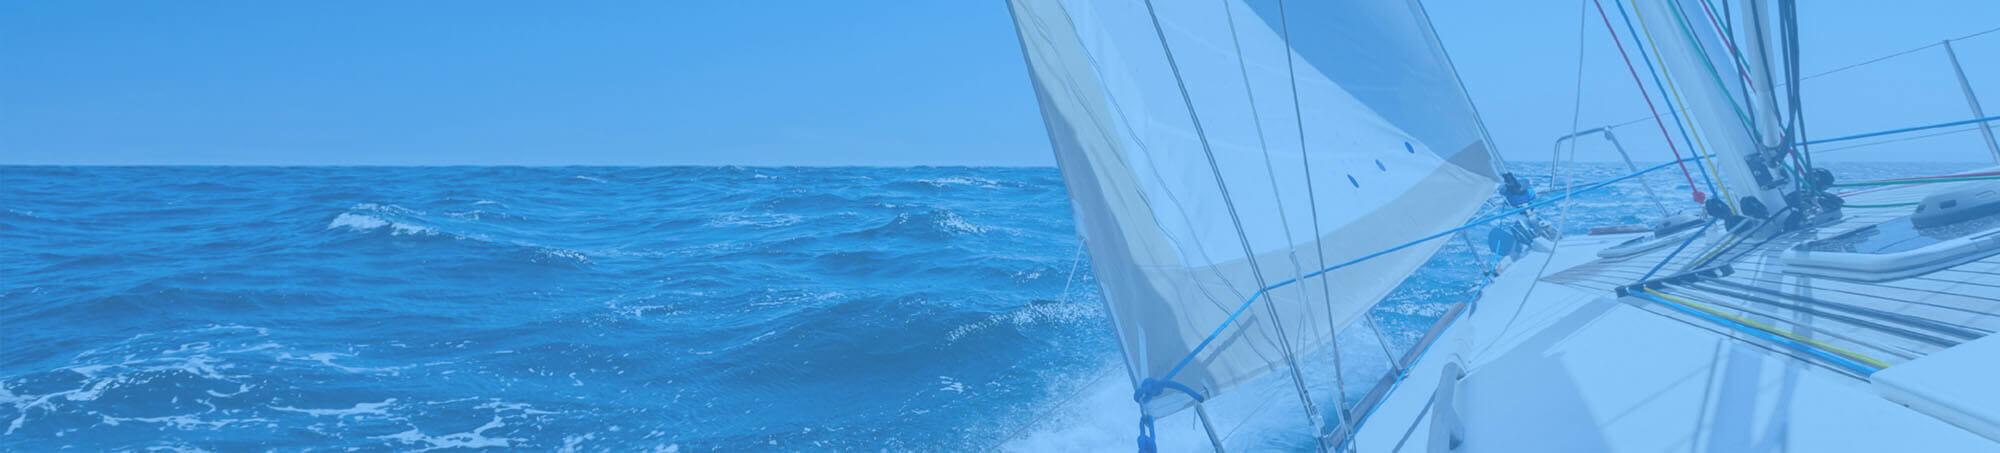 omslagsbild med segelbåt